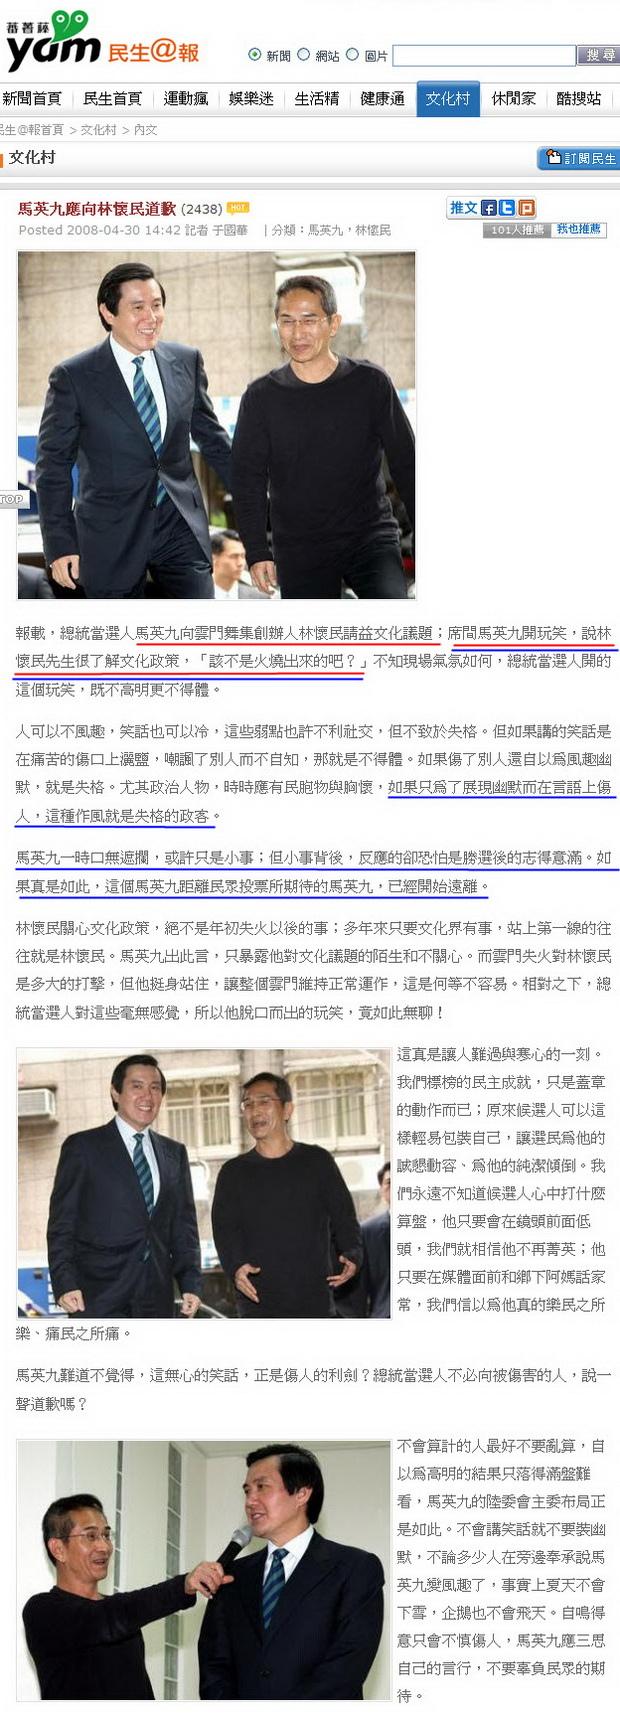 馬英九應向林懷民道歉-2008.04.30.jpg